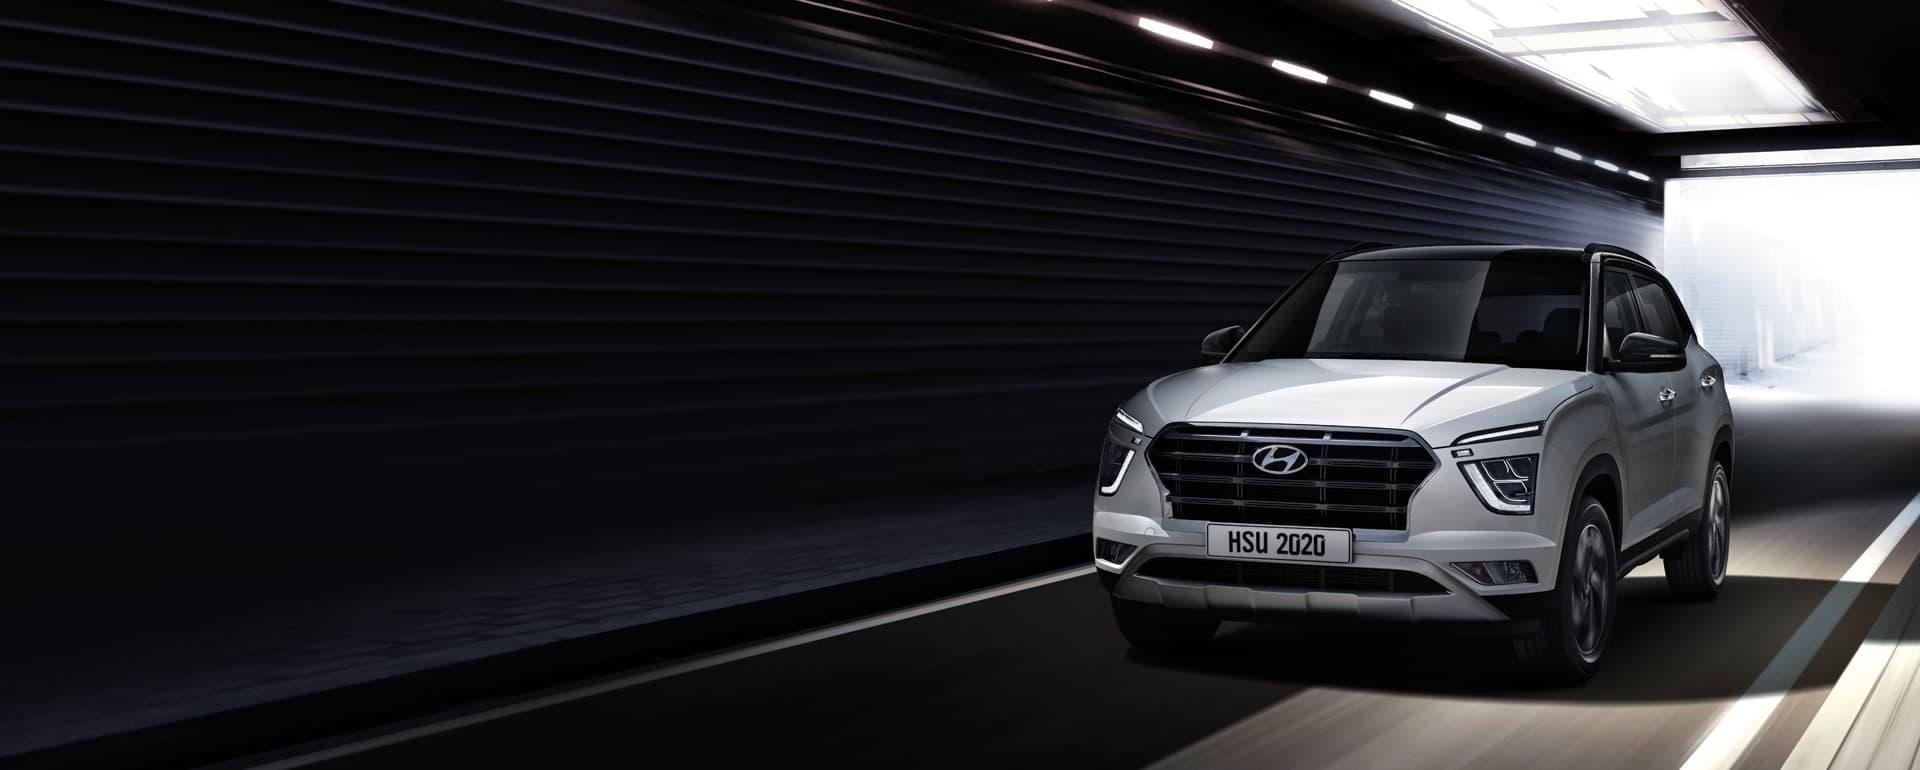 Hyundai Nouveau Creta